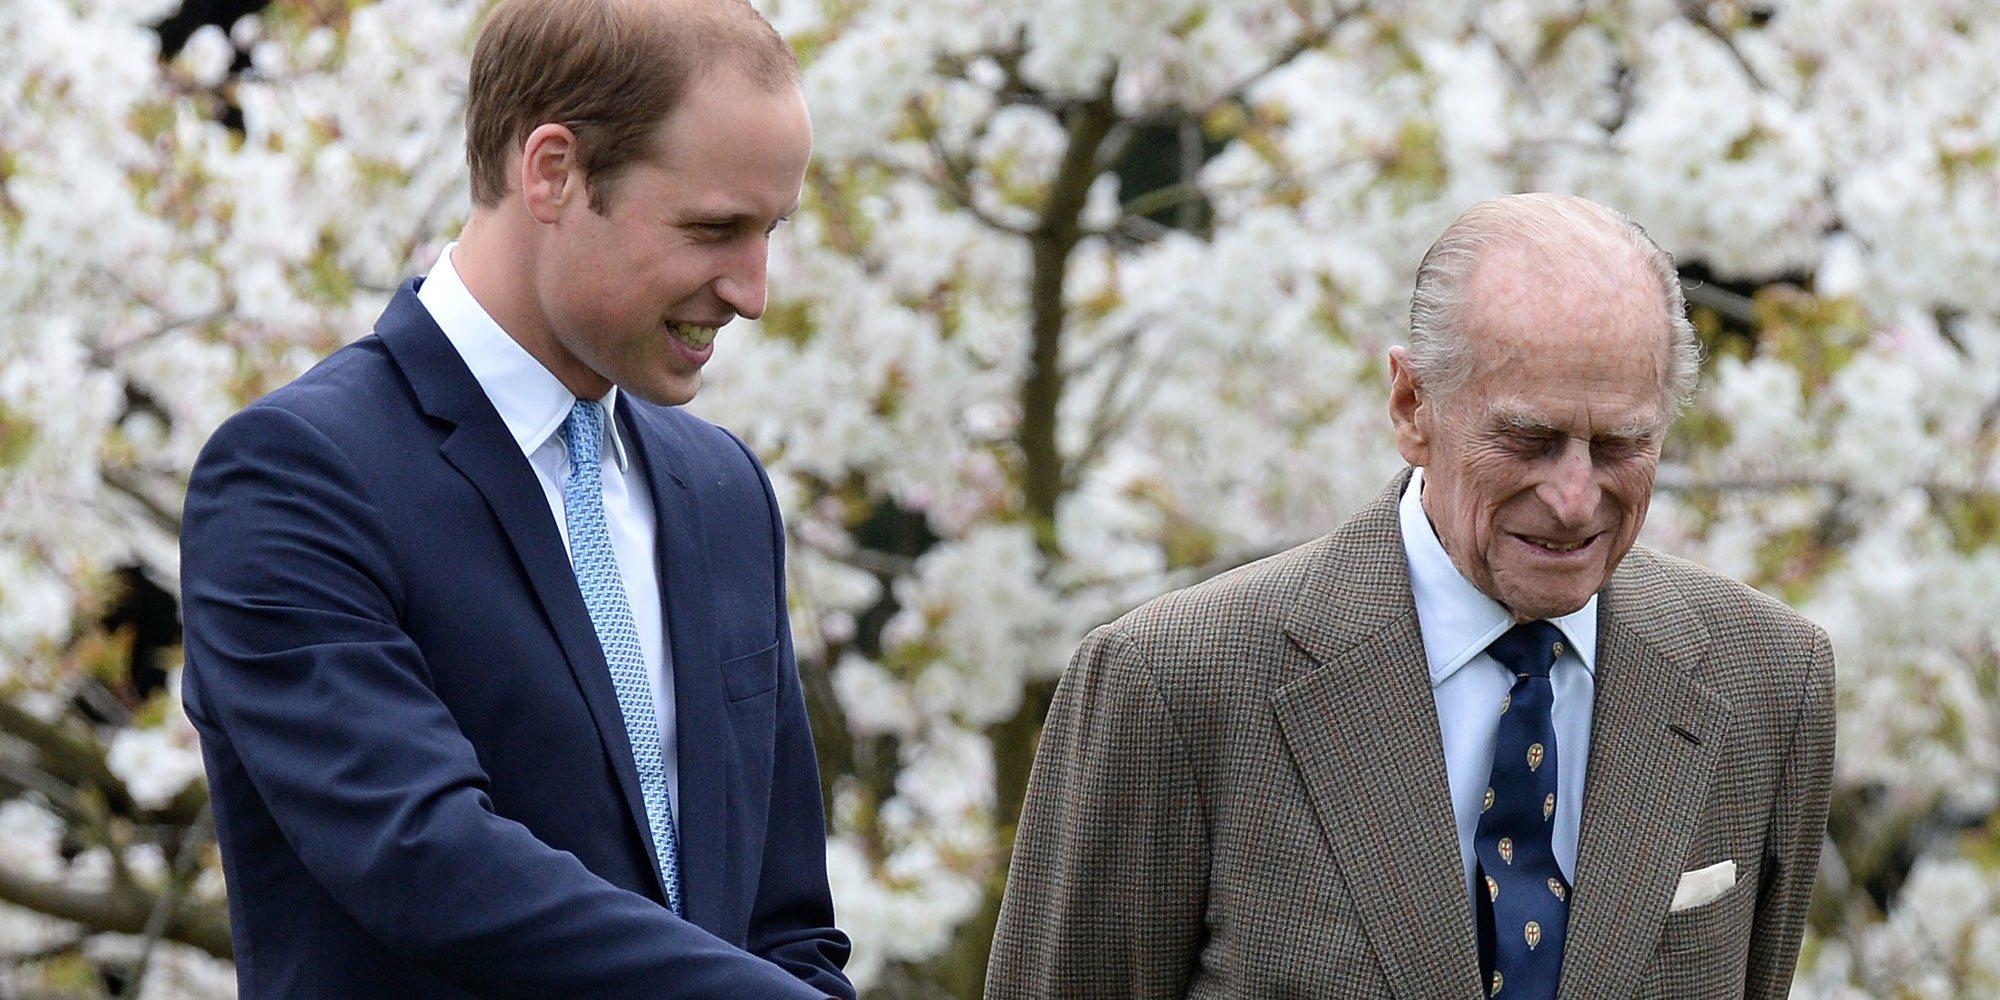 El homenaje del Príncipe Guillermo al Duque de Edimburgo: emotivo mensaje y foto con el Príncipe Jorge